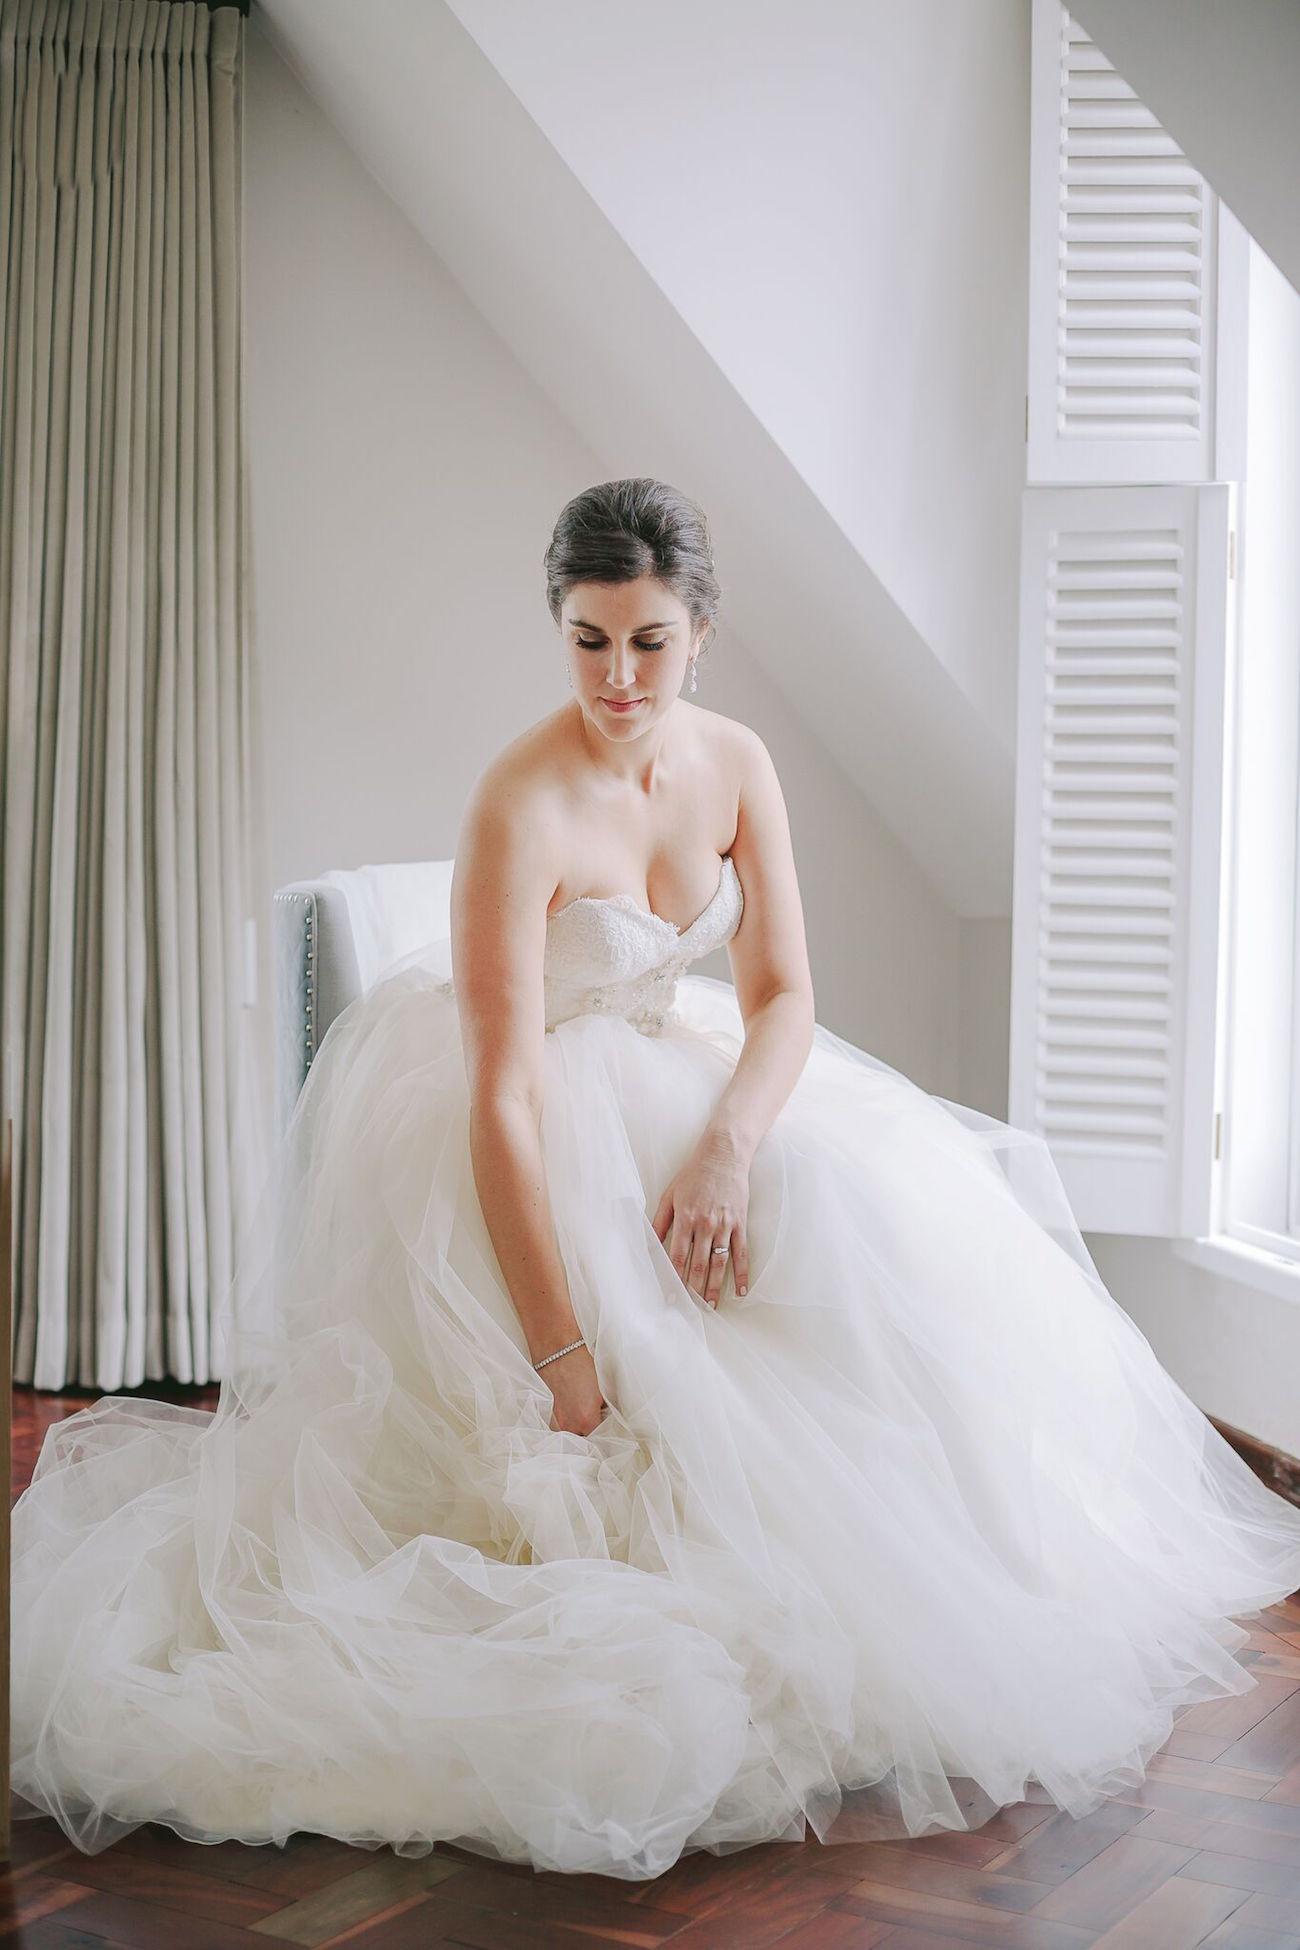 Maggie Sottero Wedding Dress | Credit: Jani B & Bright and Beautiful